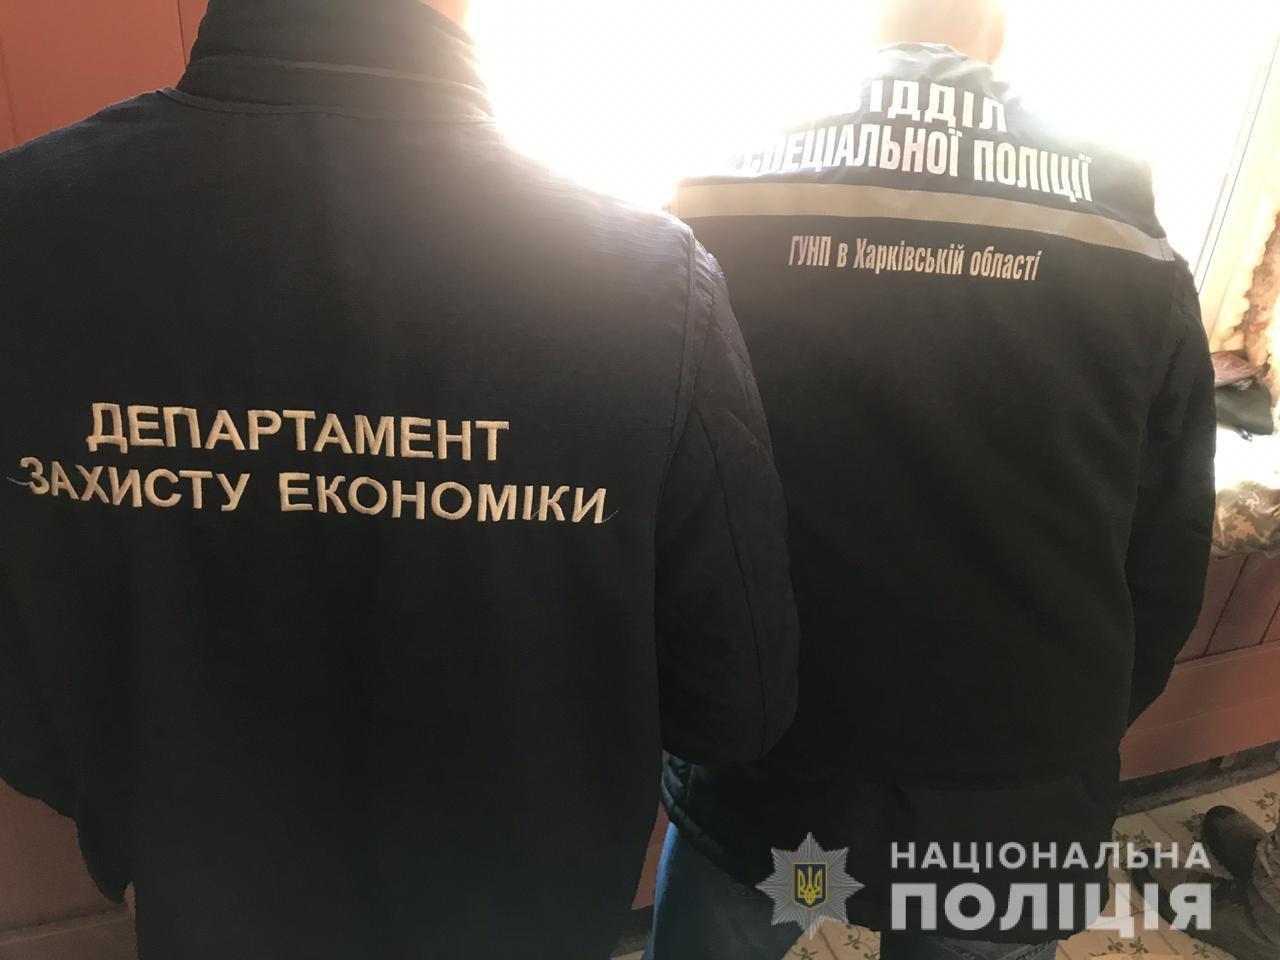 В Харьковской области попался на взятке чиновник ВСУ, - ФОТО, фото-2